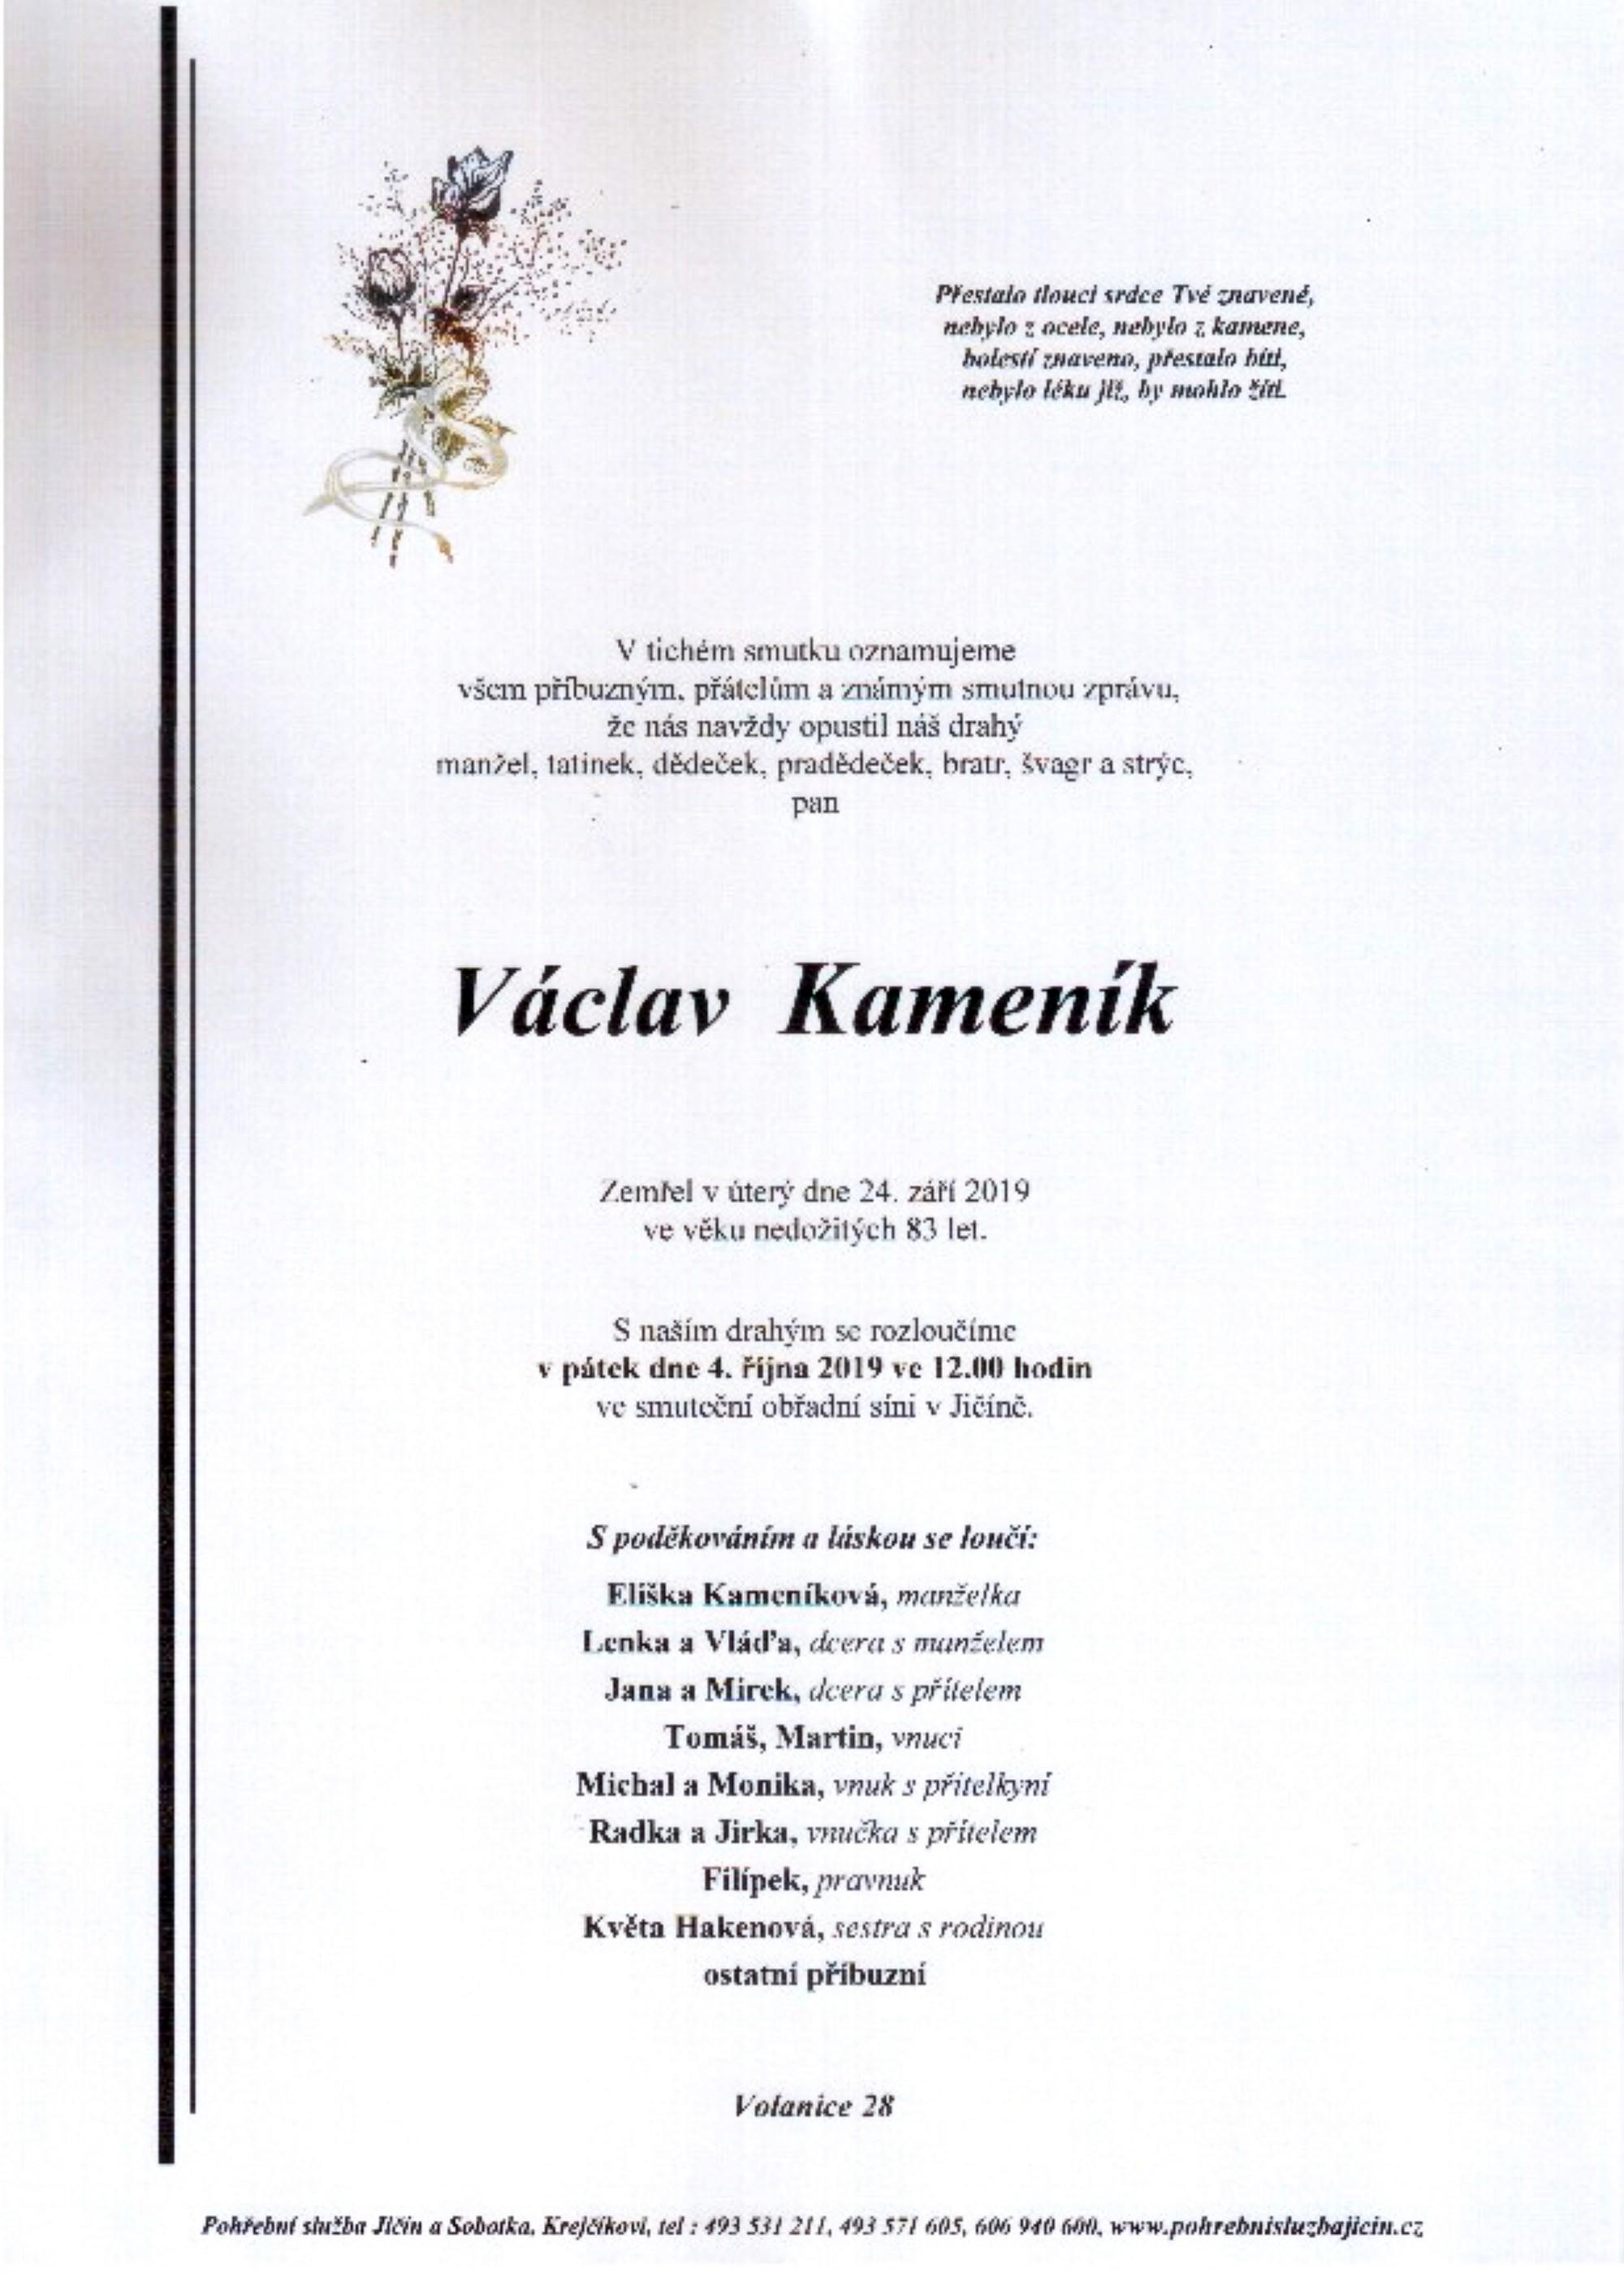 Václav Kameník